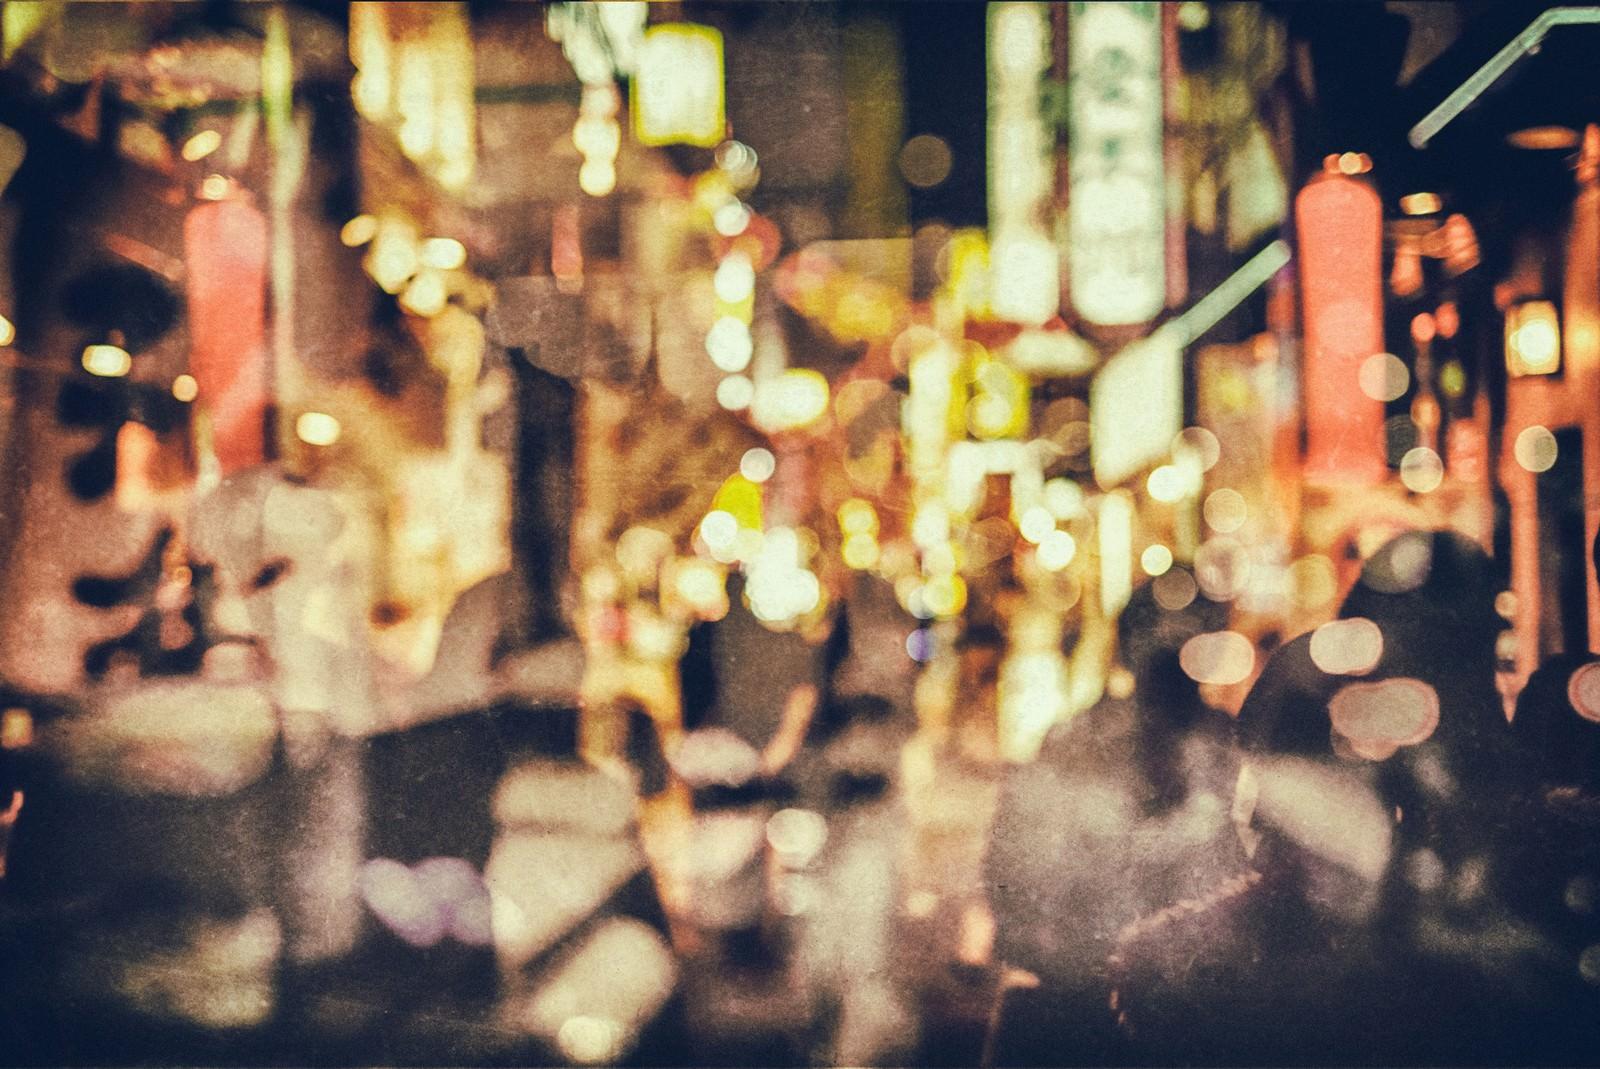 「繁華街と人影(光とボケ)」の写真